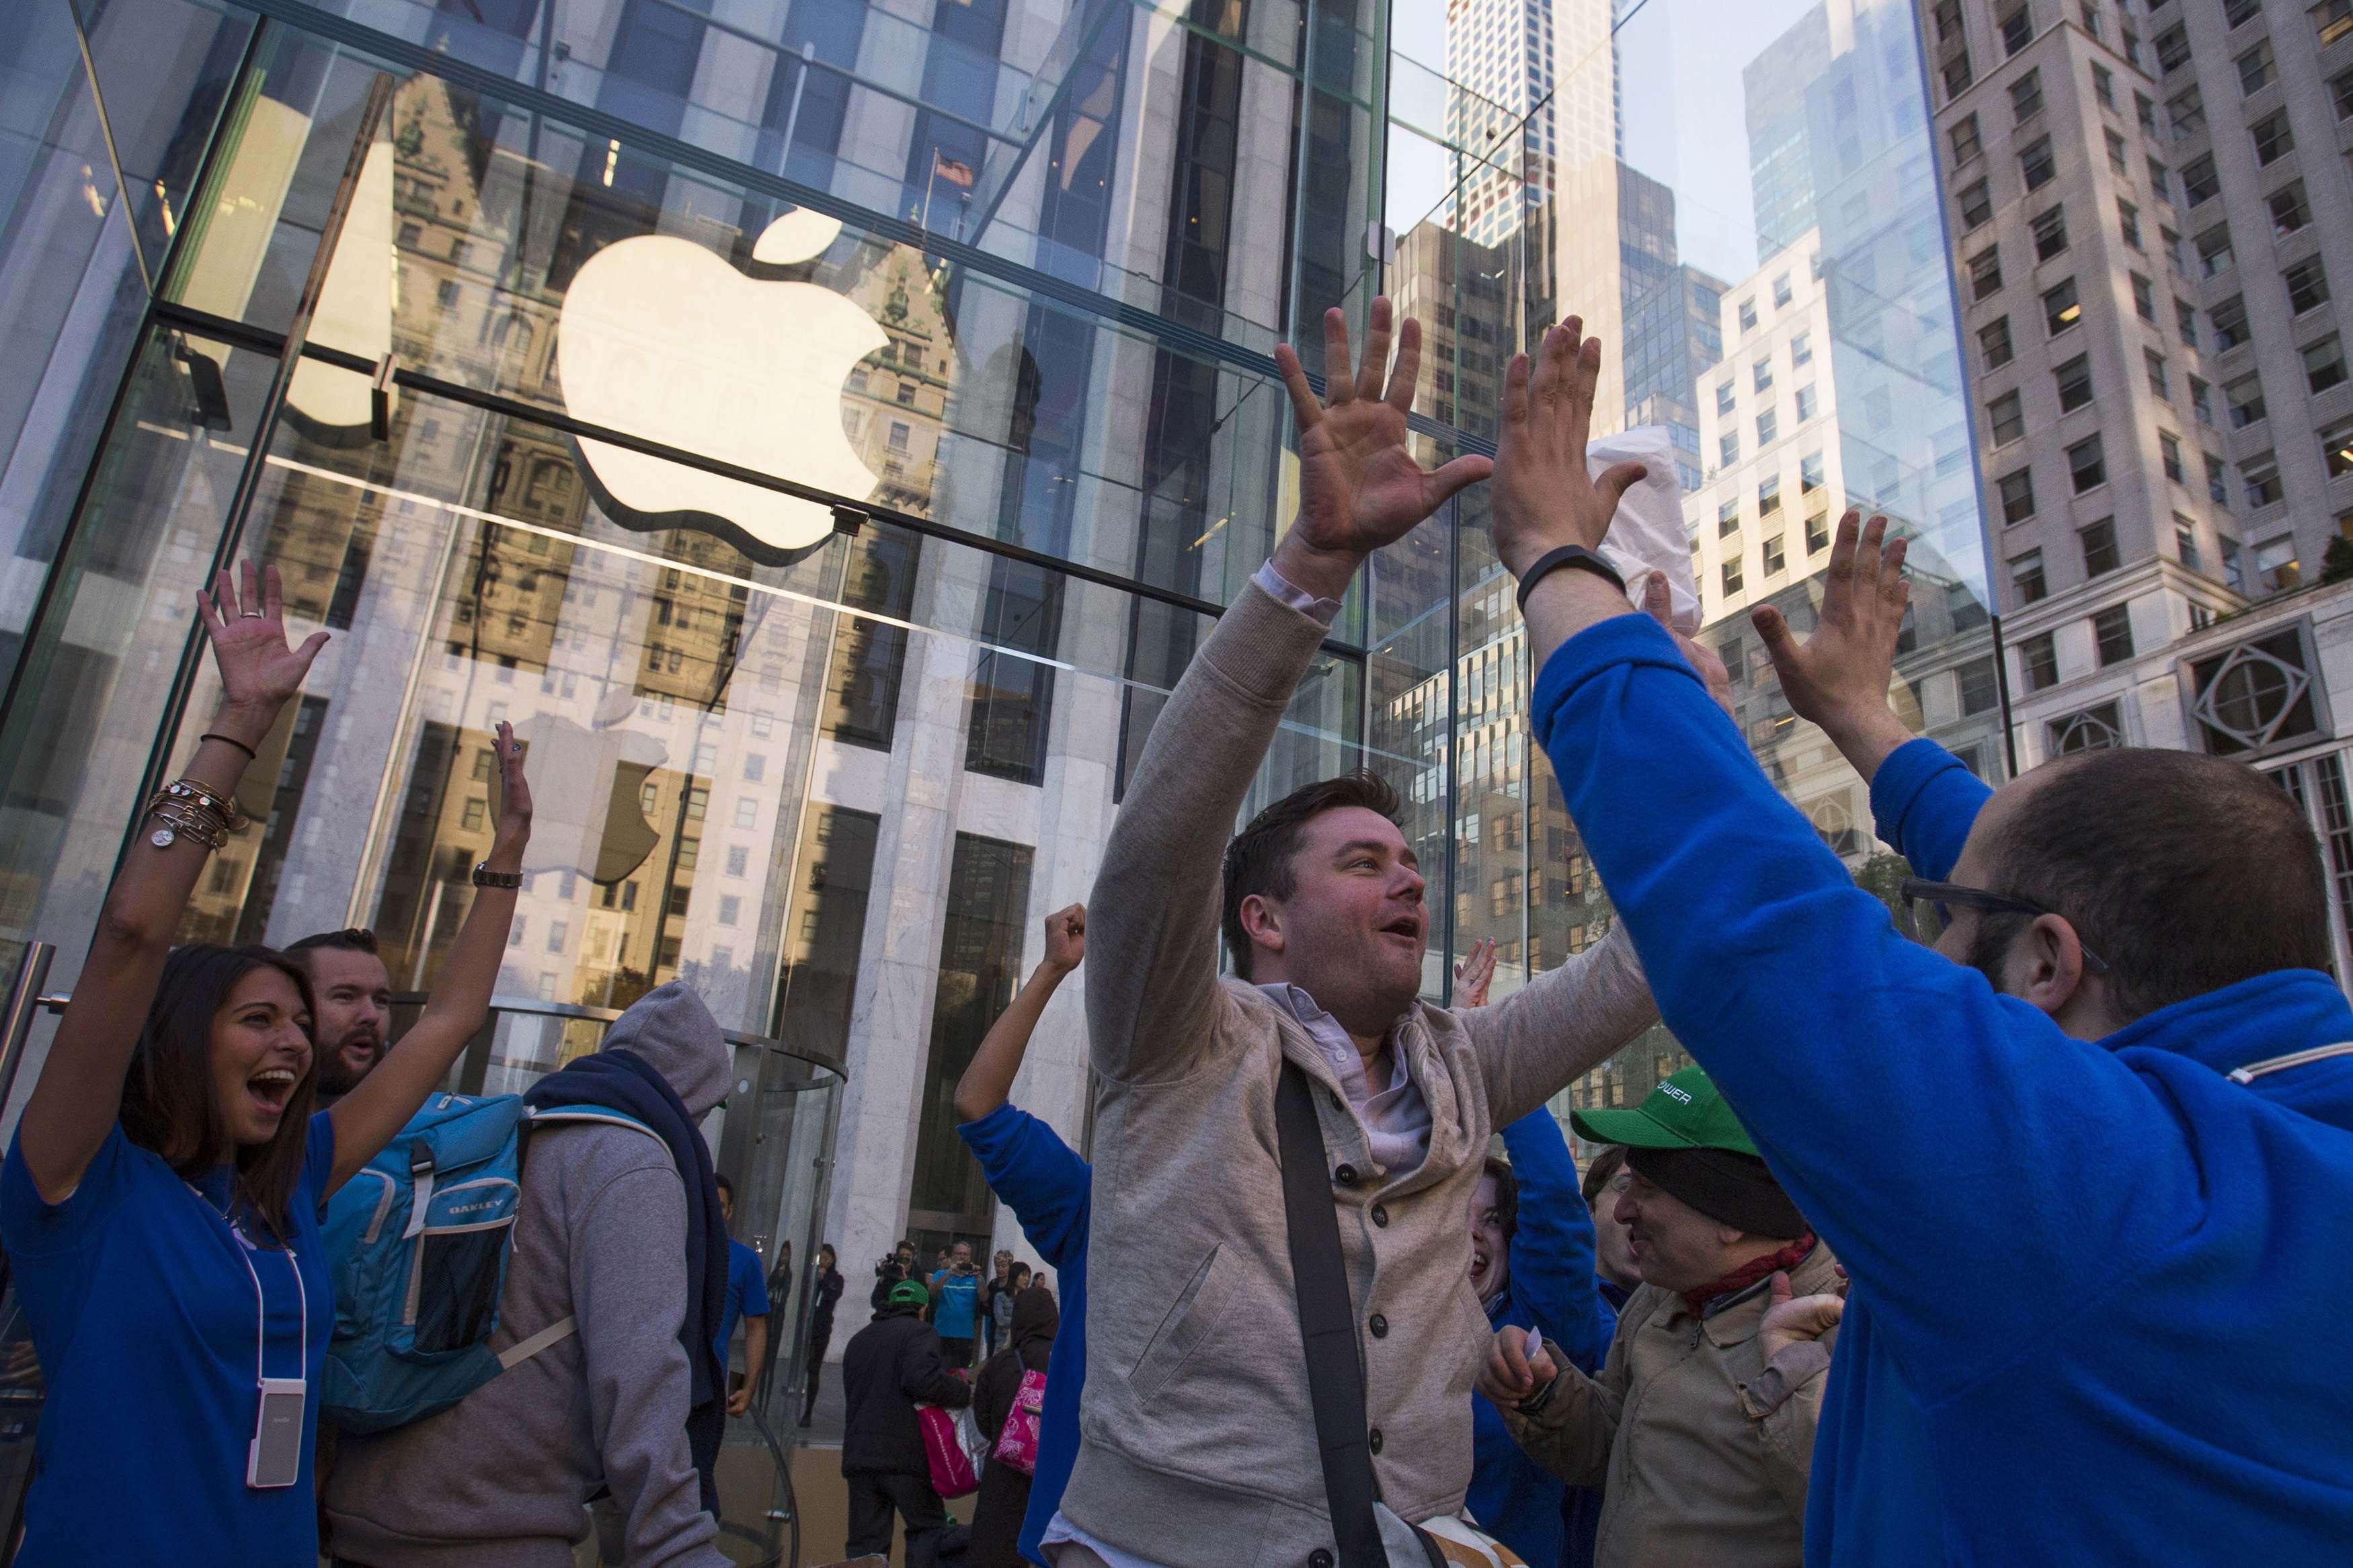 """Gibsons ainda recebeu o clássico cumprimento dos funcionários da Apple ao comprar o aparelho, o """"high five""""(conhecido no Brasil como """"toca aqui"""") Foto: Adress Latif/Reuters"""